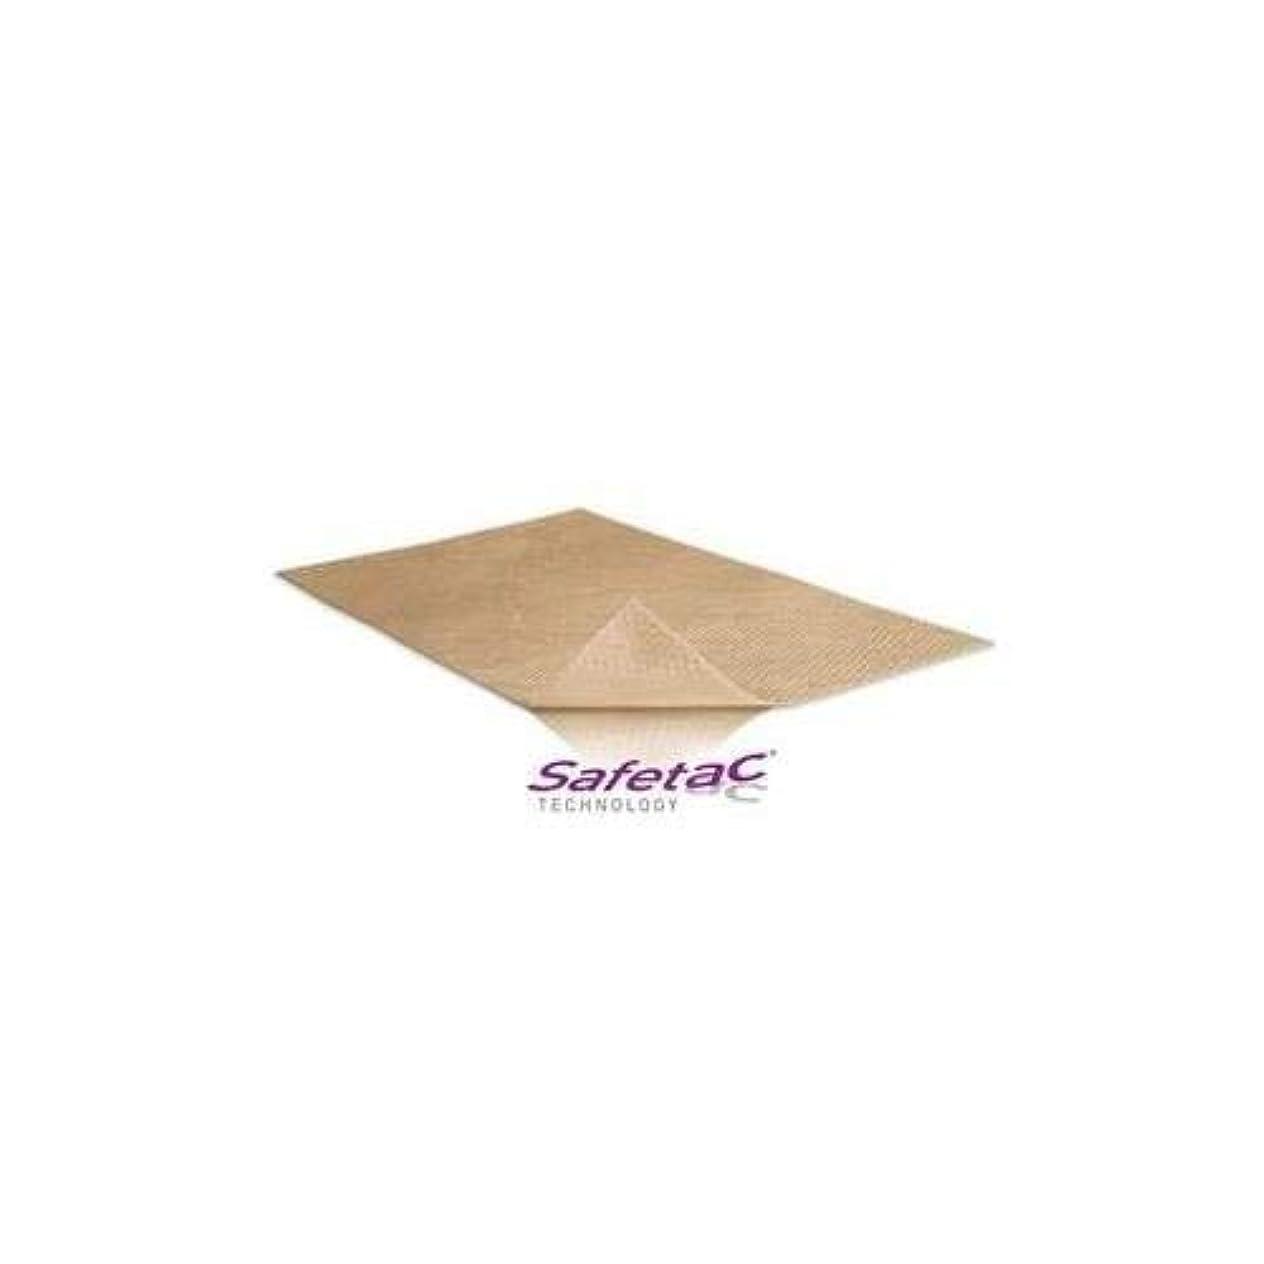 分冗長頼むMolnlyckemolnlycke Mepiform Self-Adherent Silicone Dressing 4 X 7, Single Sheet by Molnlycke